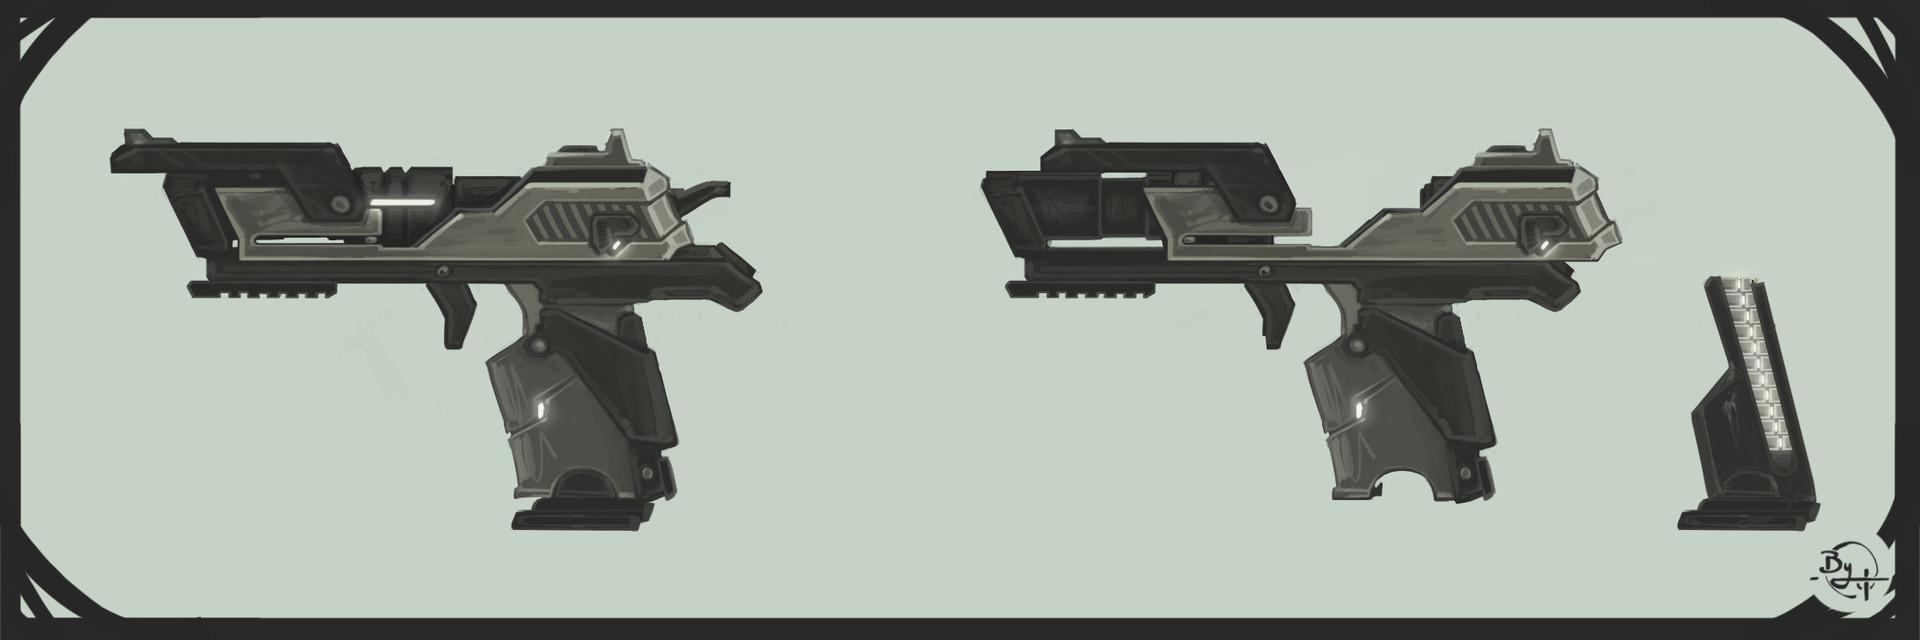 Etienne beschet conceptart warrior v2 gun